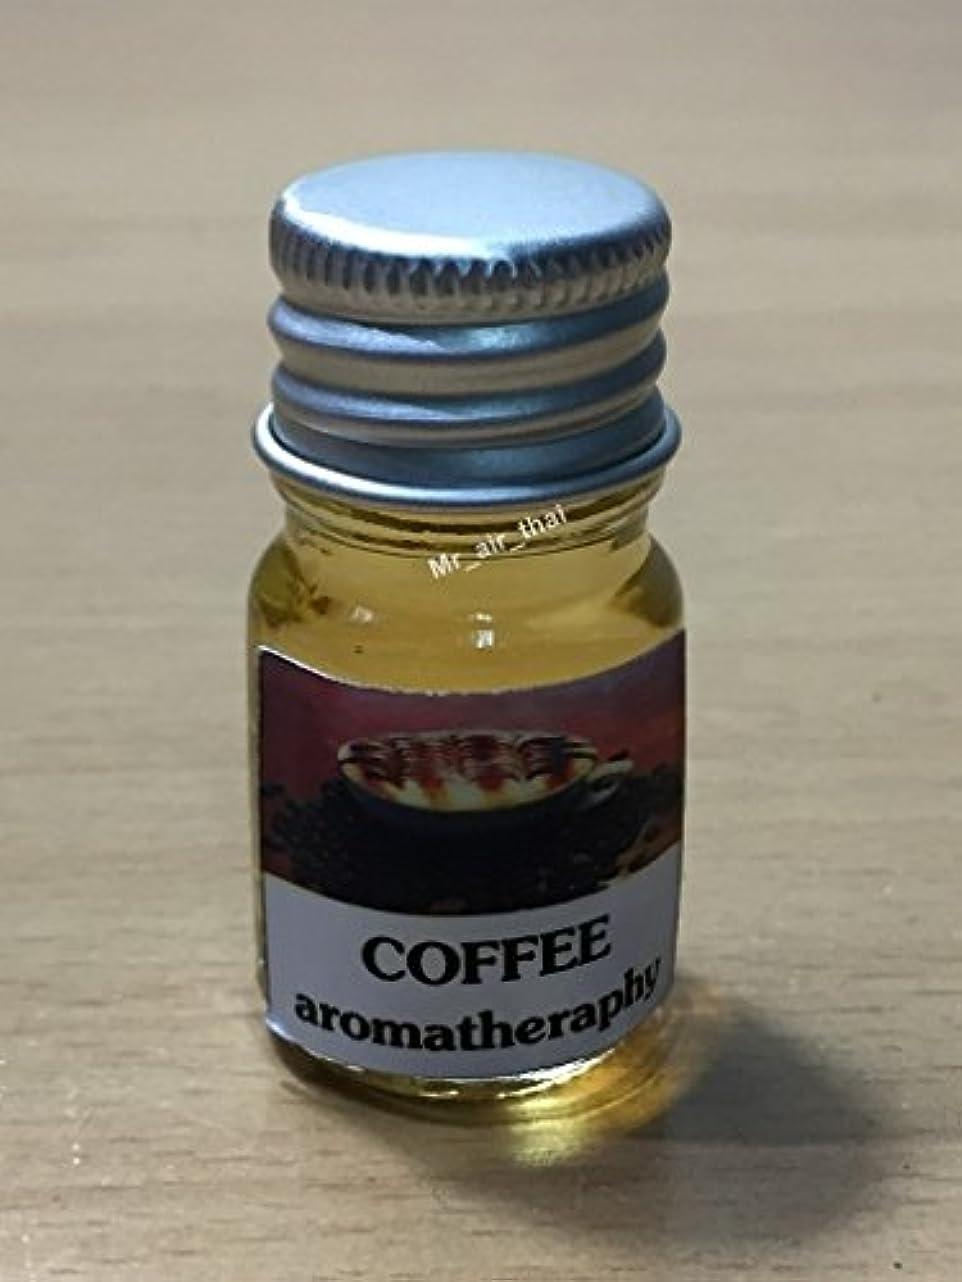 危険にさらされている危険なパトワ5ミリリットルアロマコーヒーフランクインセンスエッセンシャルオイルボトルアロマテラピーオイル自然自然5ml Aroma Coffee Frankincense Essential Oil Bottles Aromatherapy...